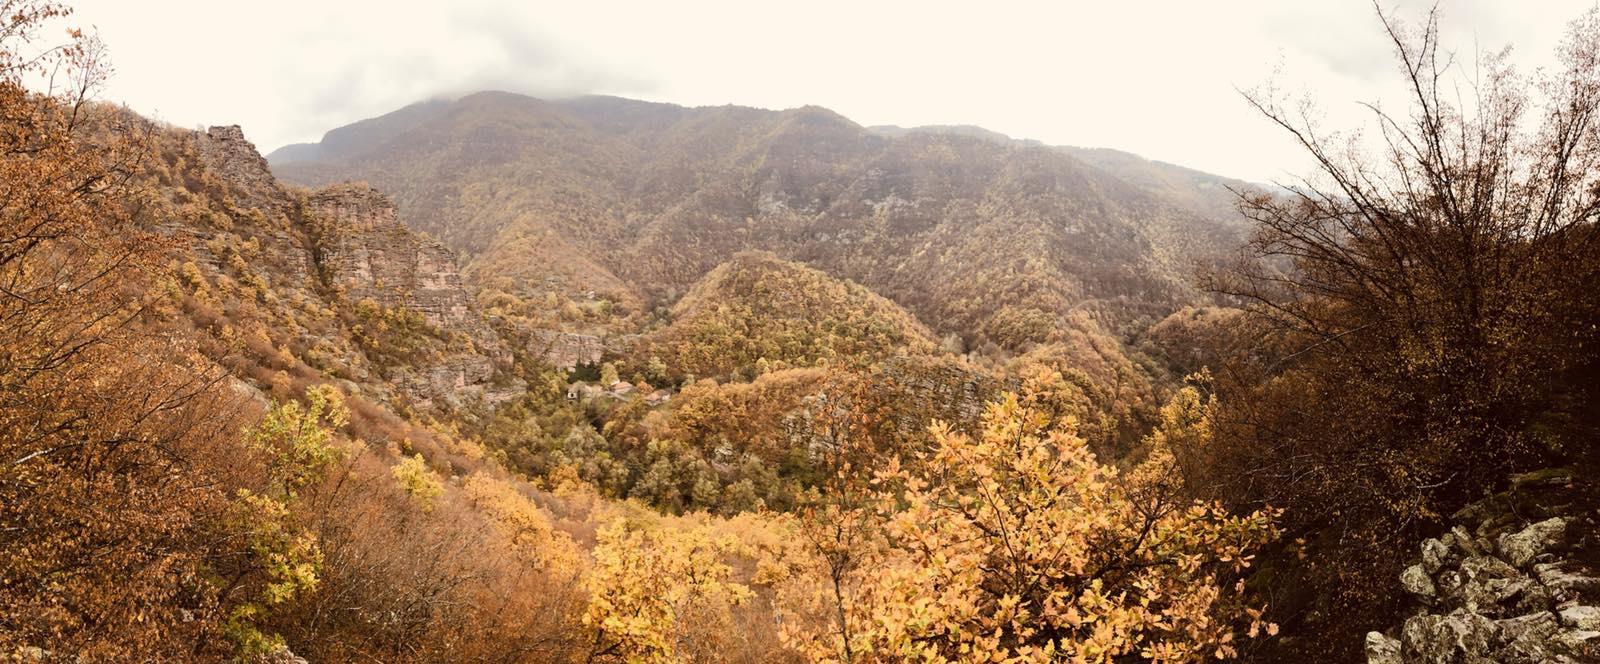 vidikovac tumba stara planina